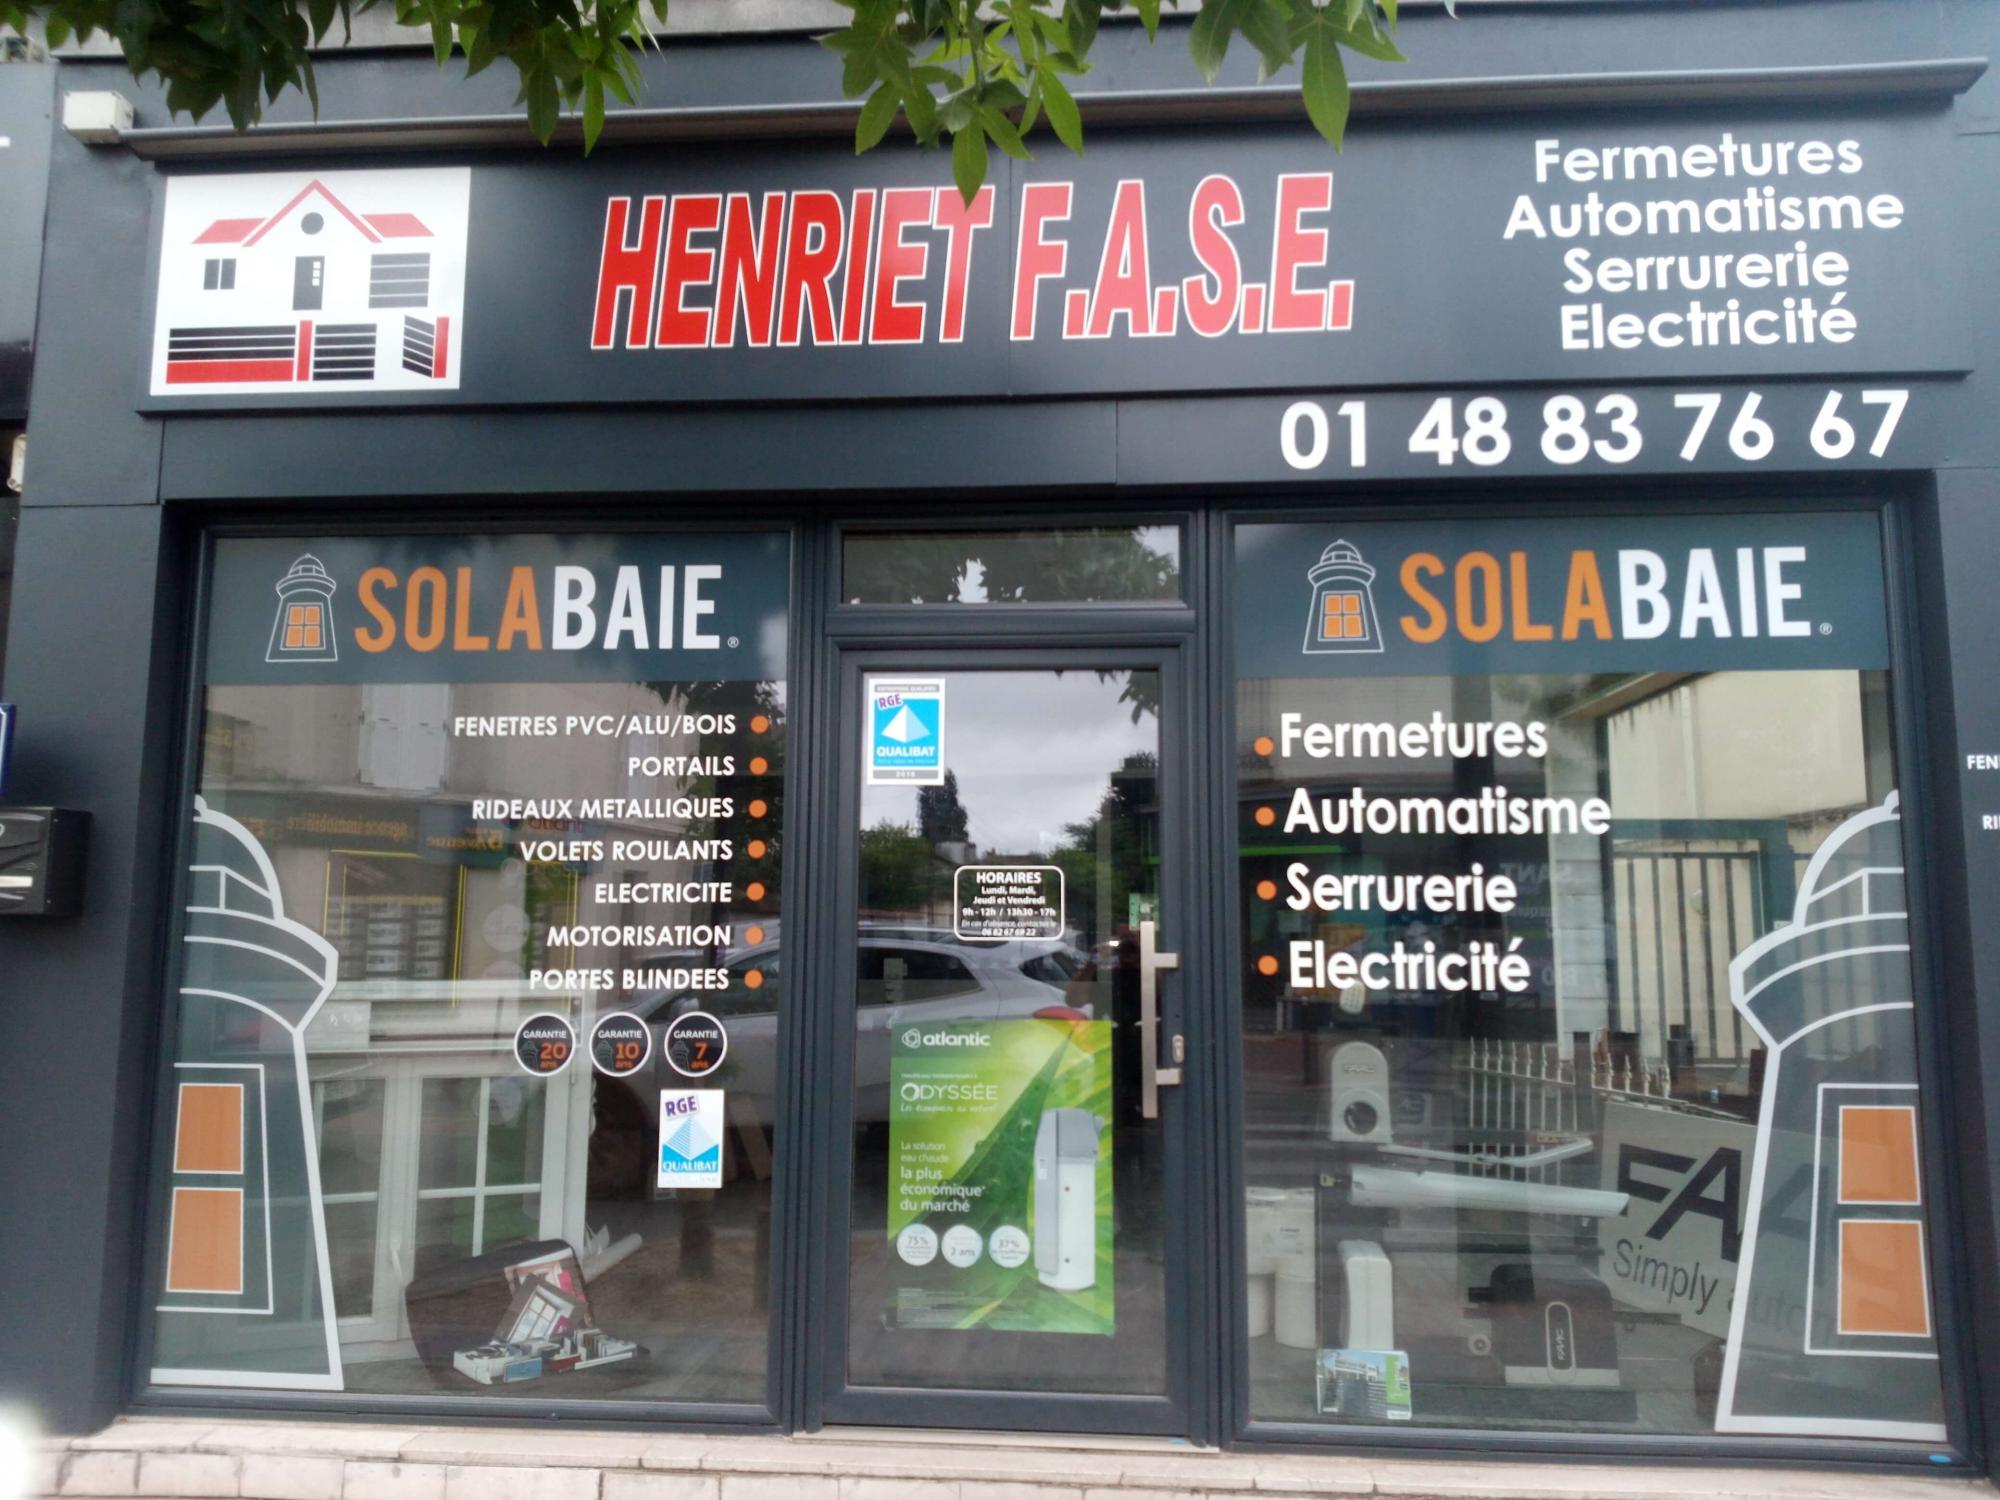 Nouveau Solabaie Henriet FASE Menuisier à StMaurdesFossés - Porte placard coulissante avec serrurier saint maur des fosses